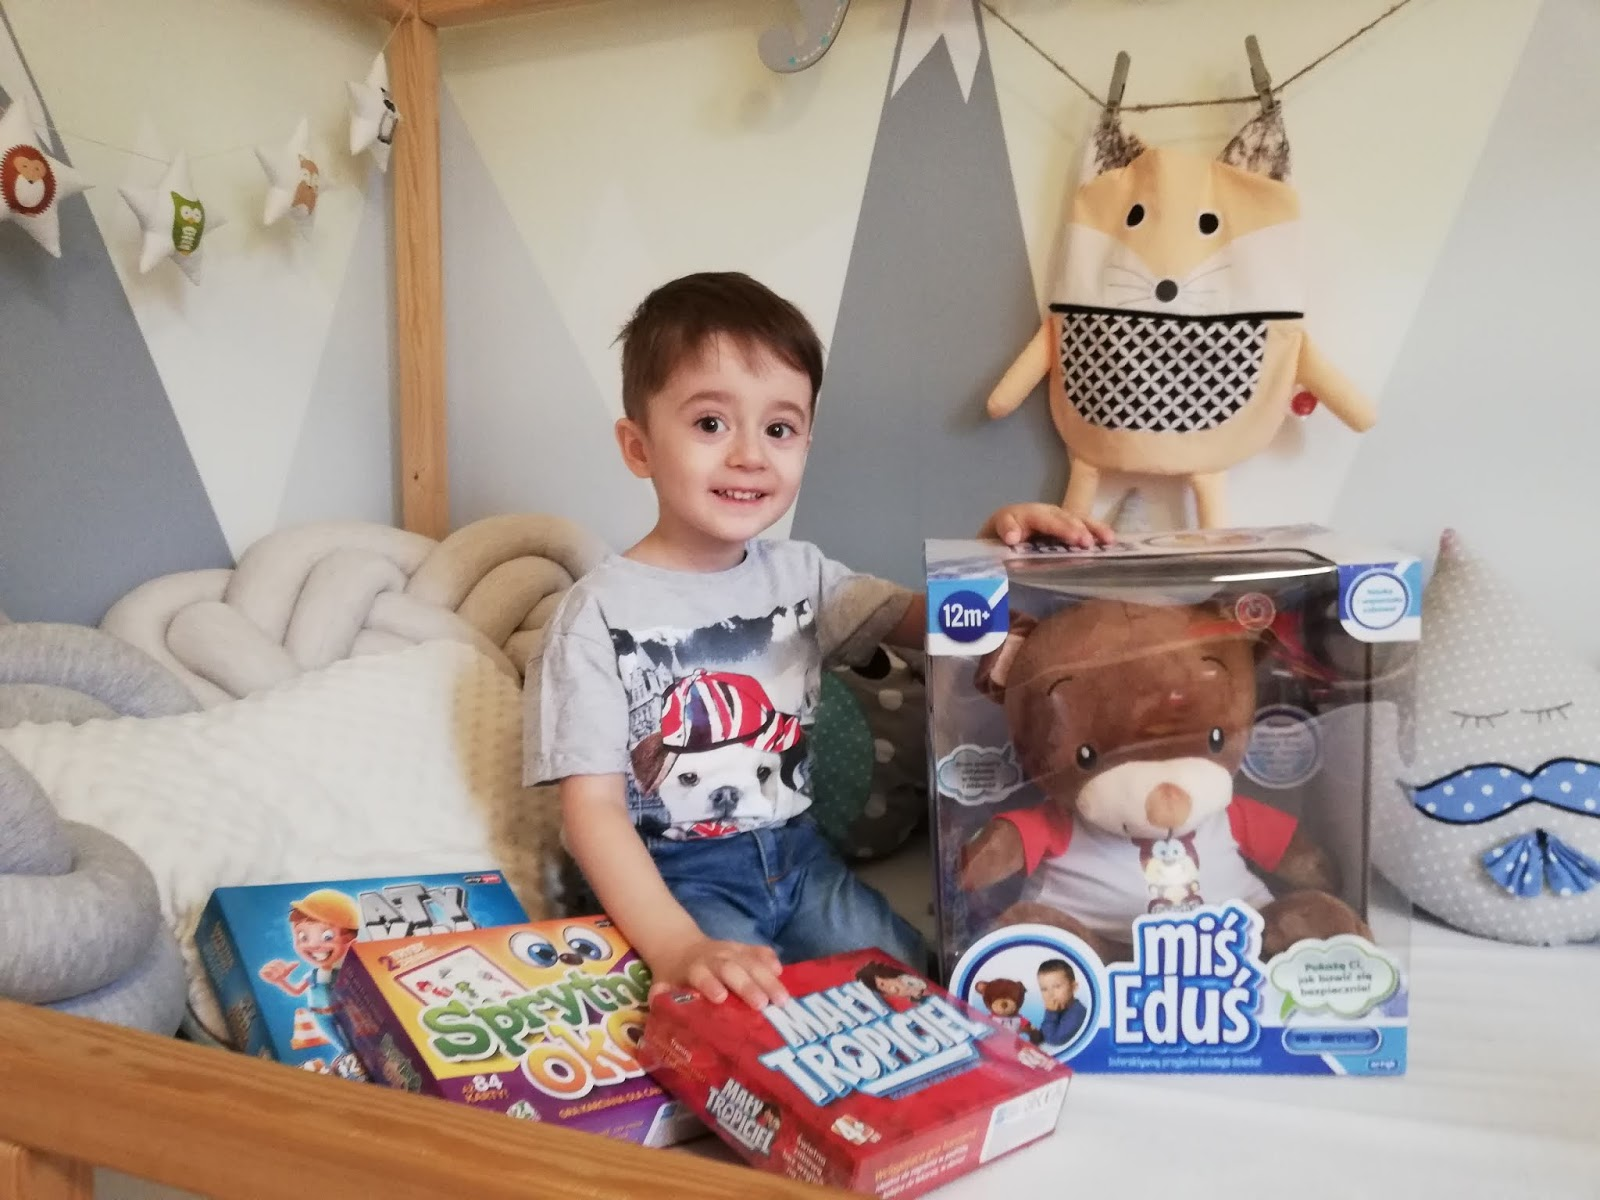 Miś Eduś, czyli interaktywna zabawka, która wniesie coś pożytecznego w życie dziecka